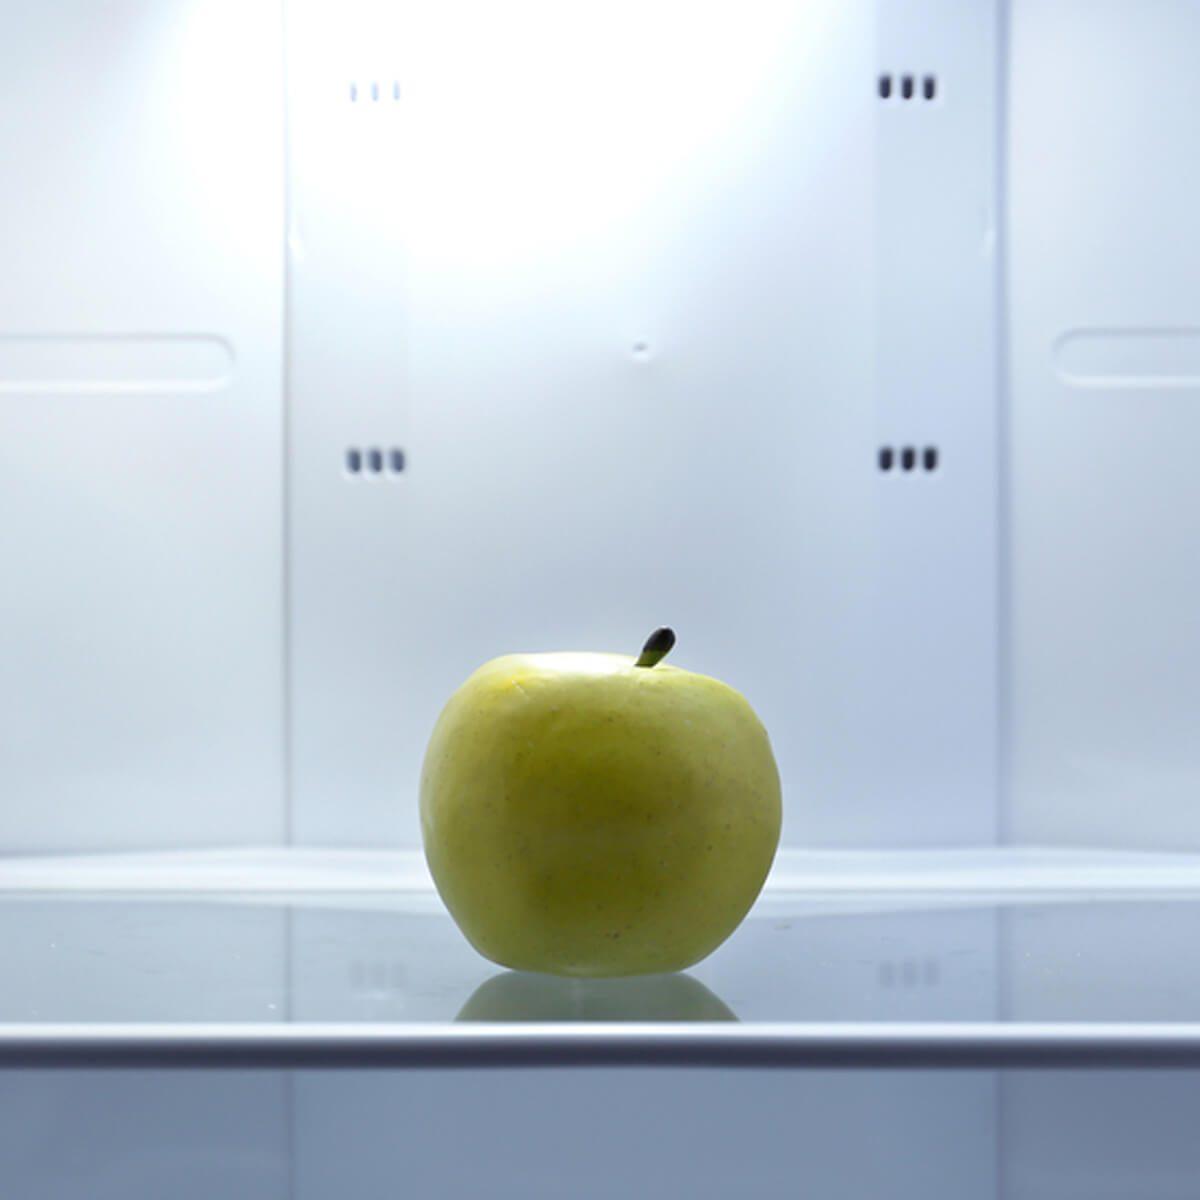 shutterstock_166658534 apple in empty clean fridge